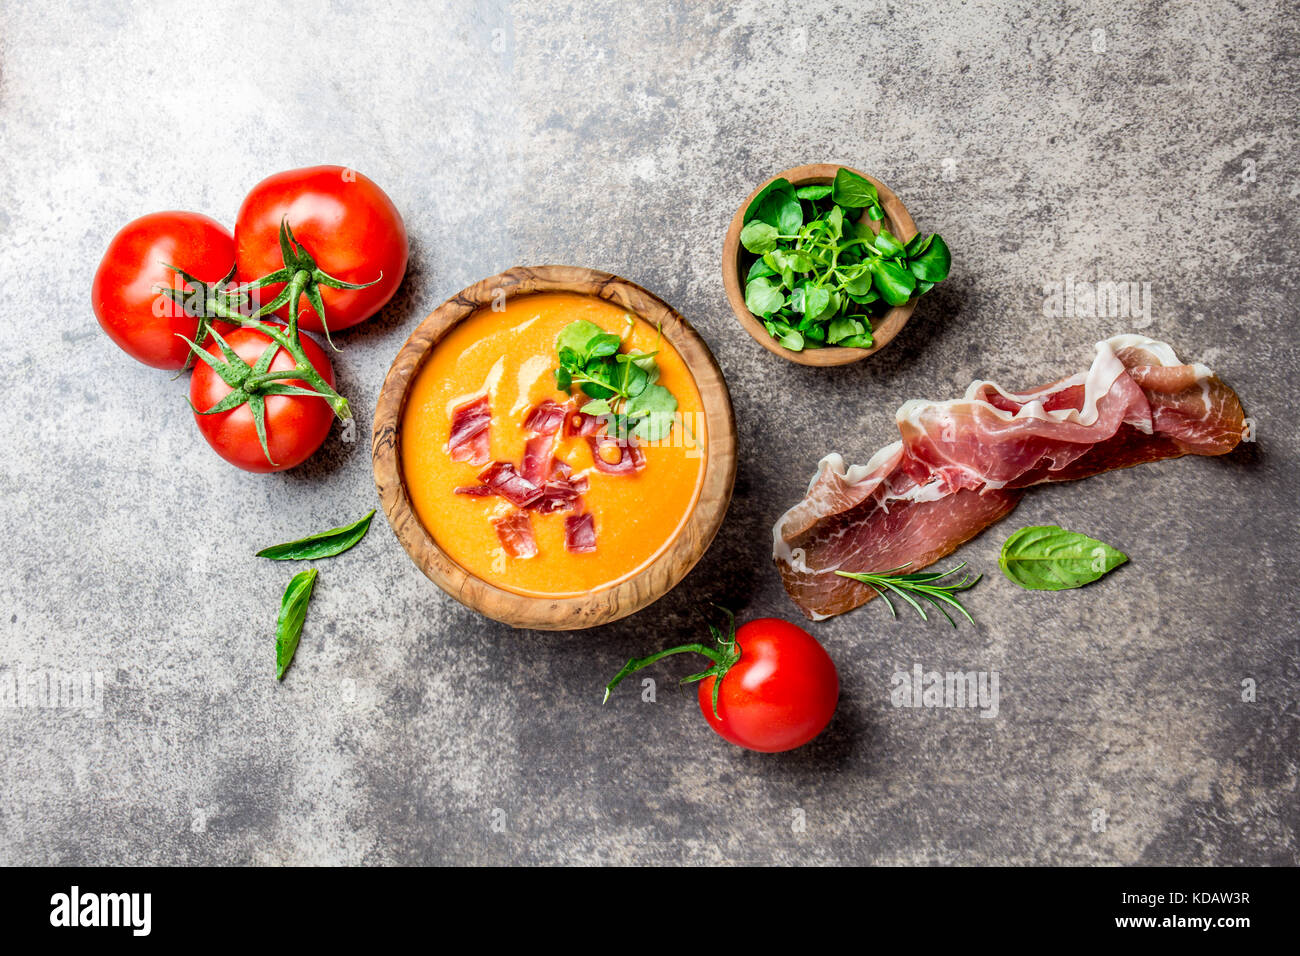 Sopa de tomate española Salmorejo servido en recipiente de madera de oliva con jamón jamón serrano Imagen De Stock